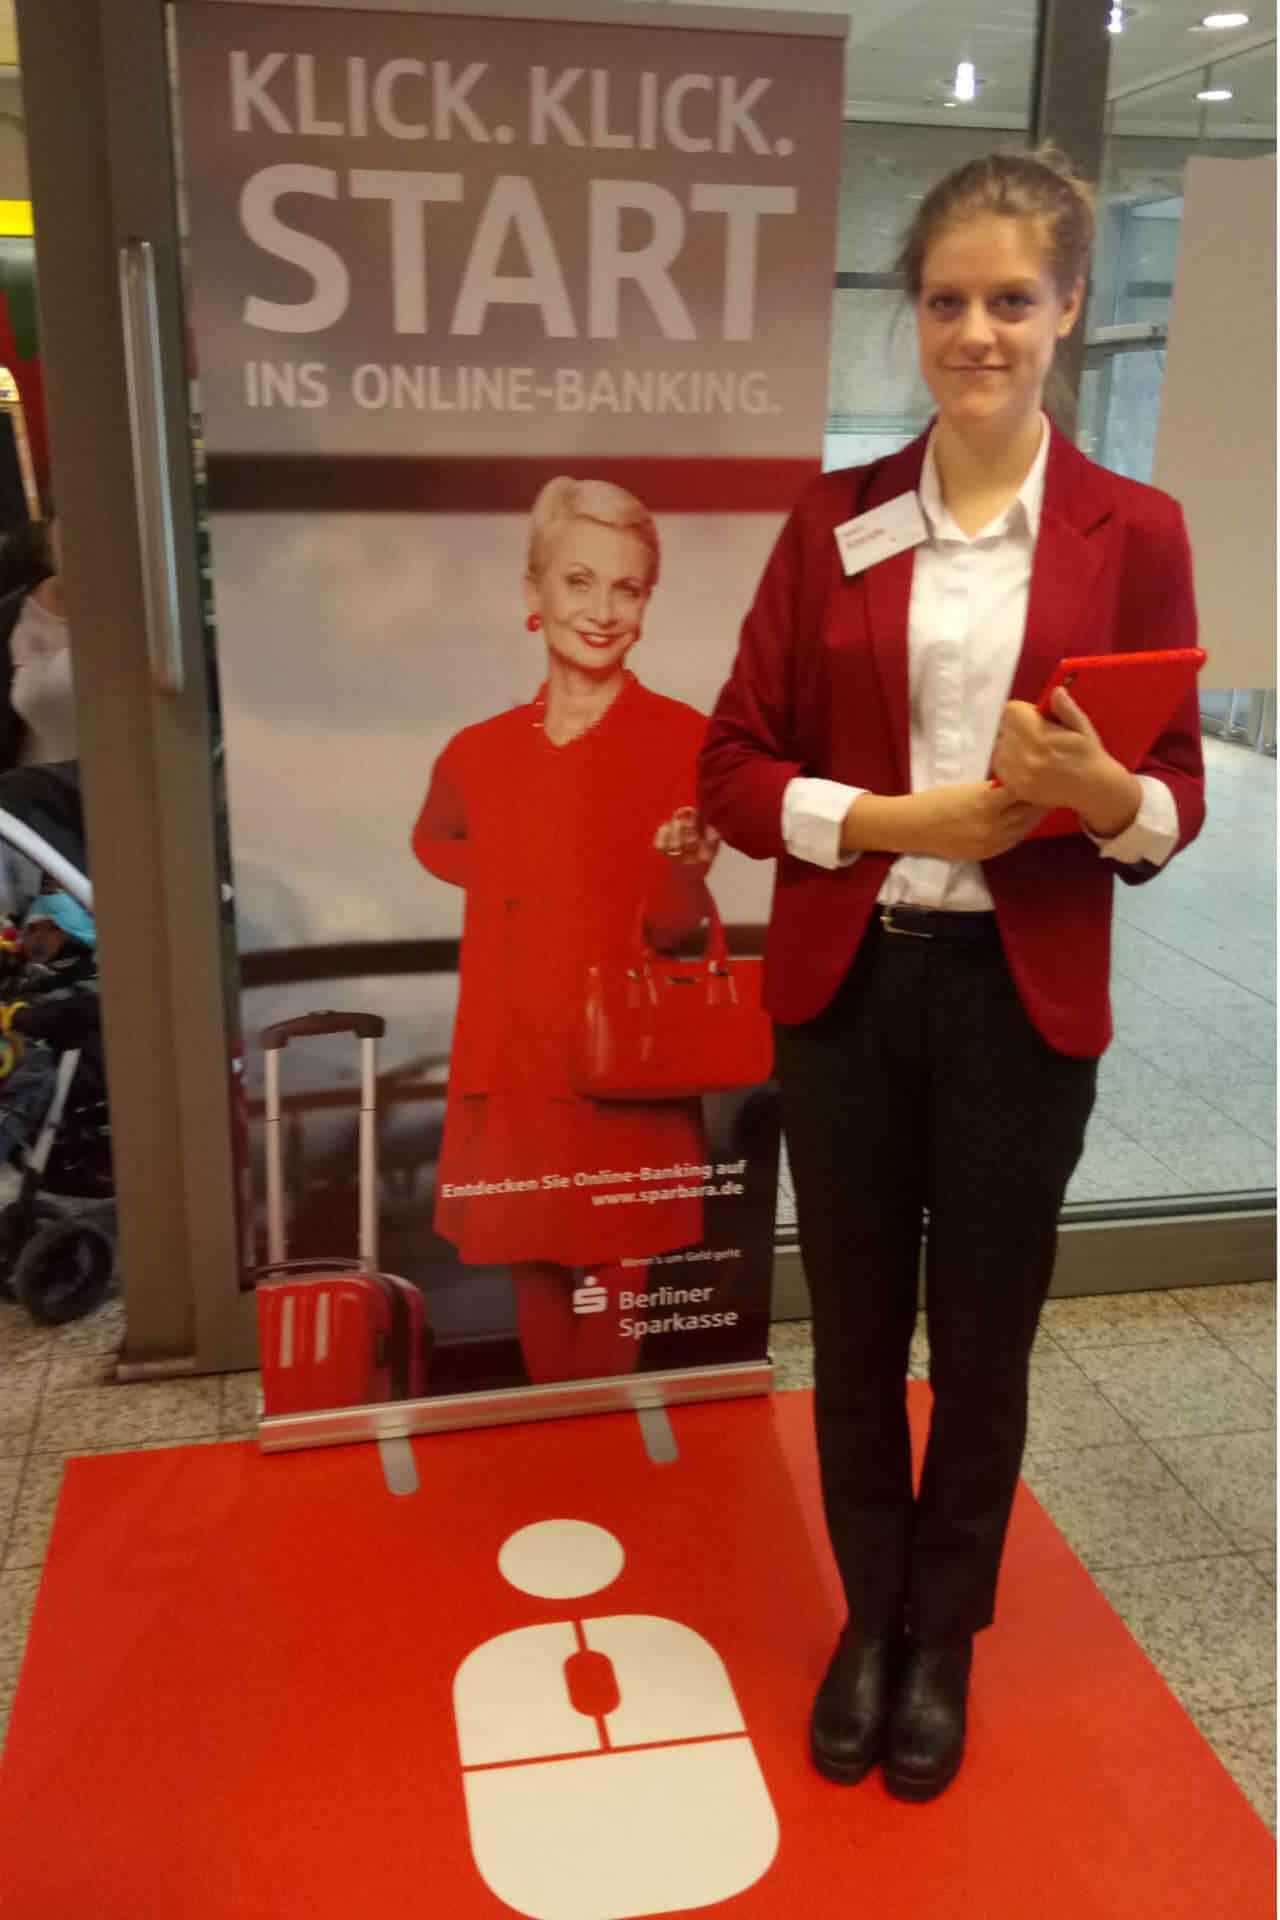 Promoterin Berliner Sparkasse